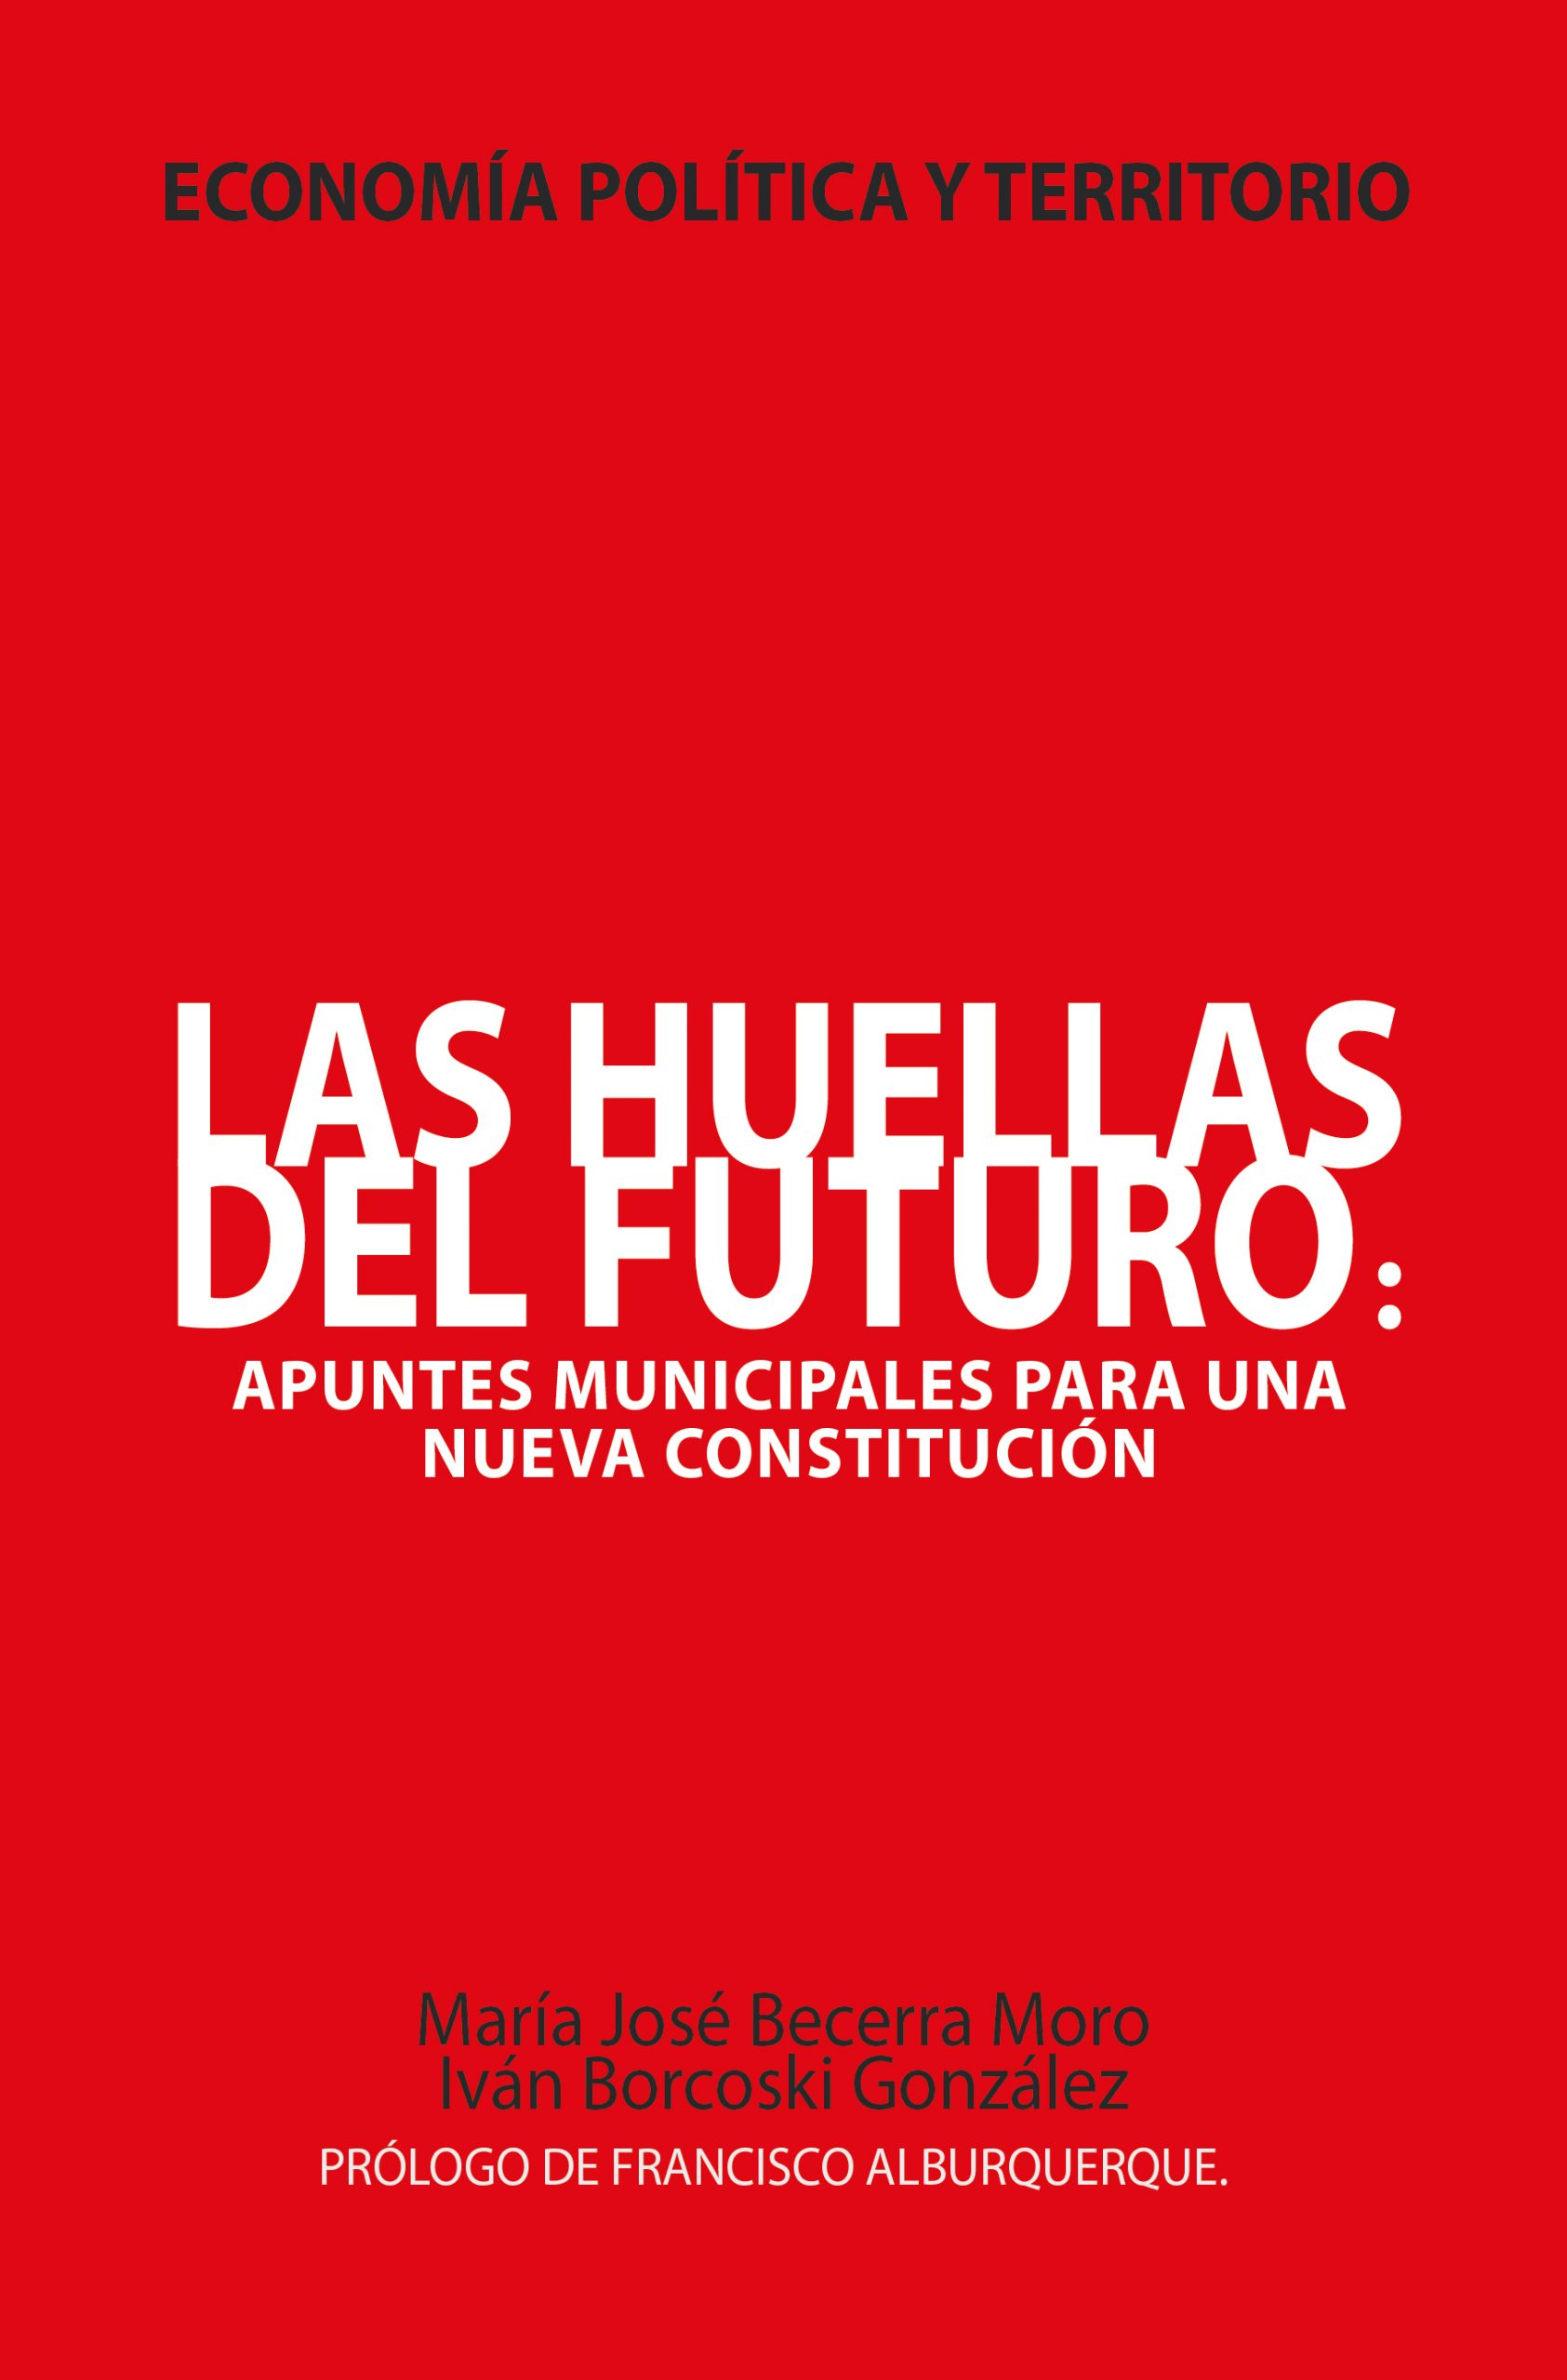 Un libro  necesario para el nuevo Chile que se construye desde el territorio,  las regiones y las comunas: «Las huellas del futuro: apuntes municipales para una nueva constitución»